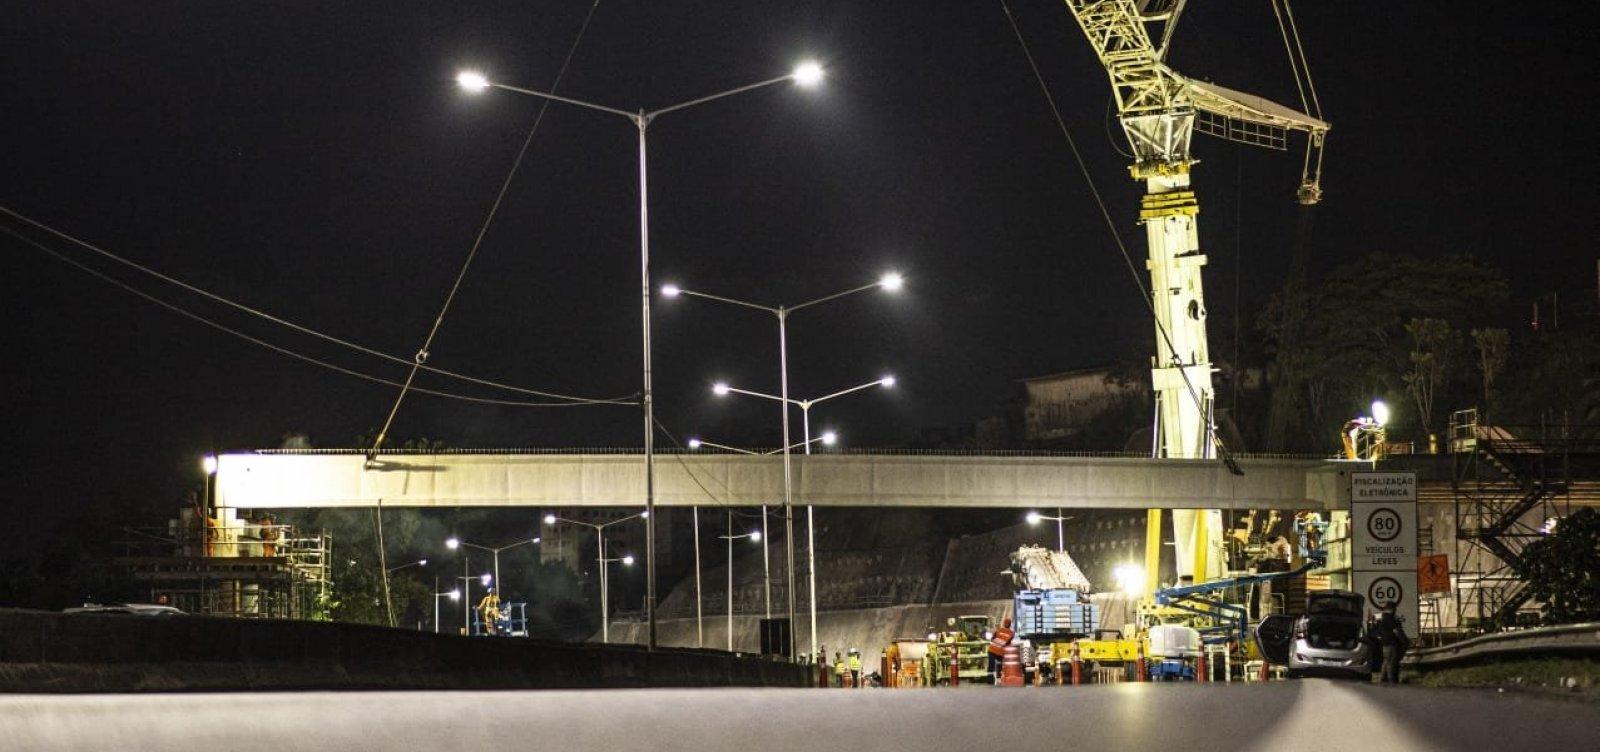 [Obras alteram tráfego de veículos na BR-324 entre os viadutos de Pirajá e da Brasilgás]